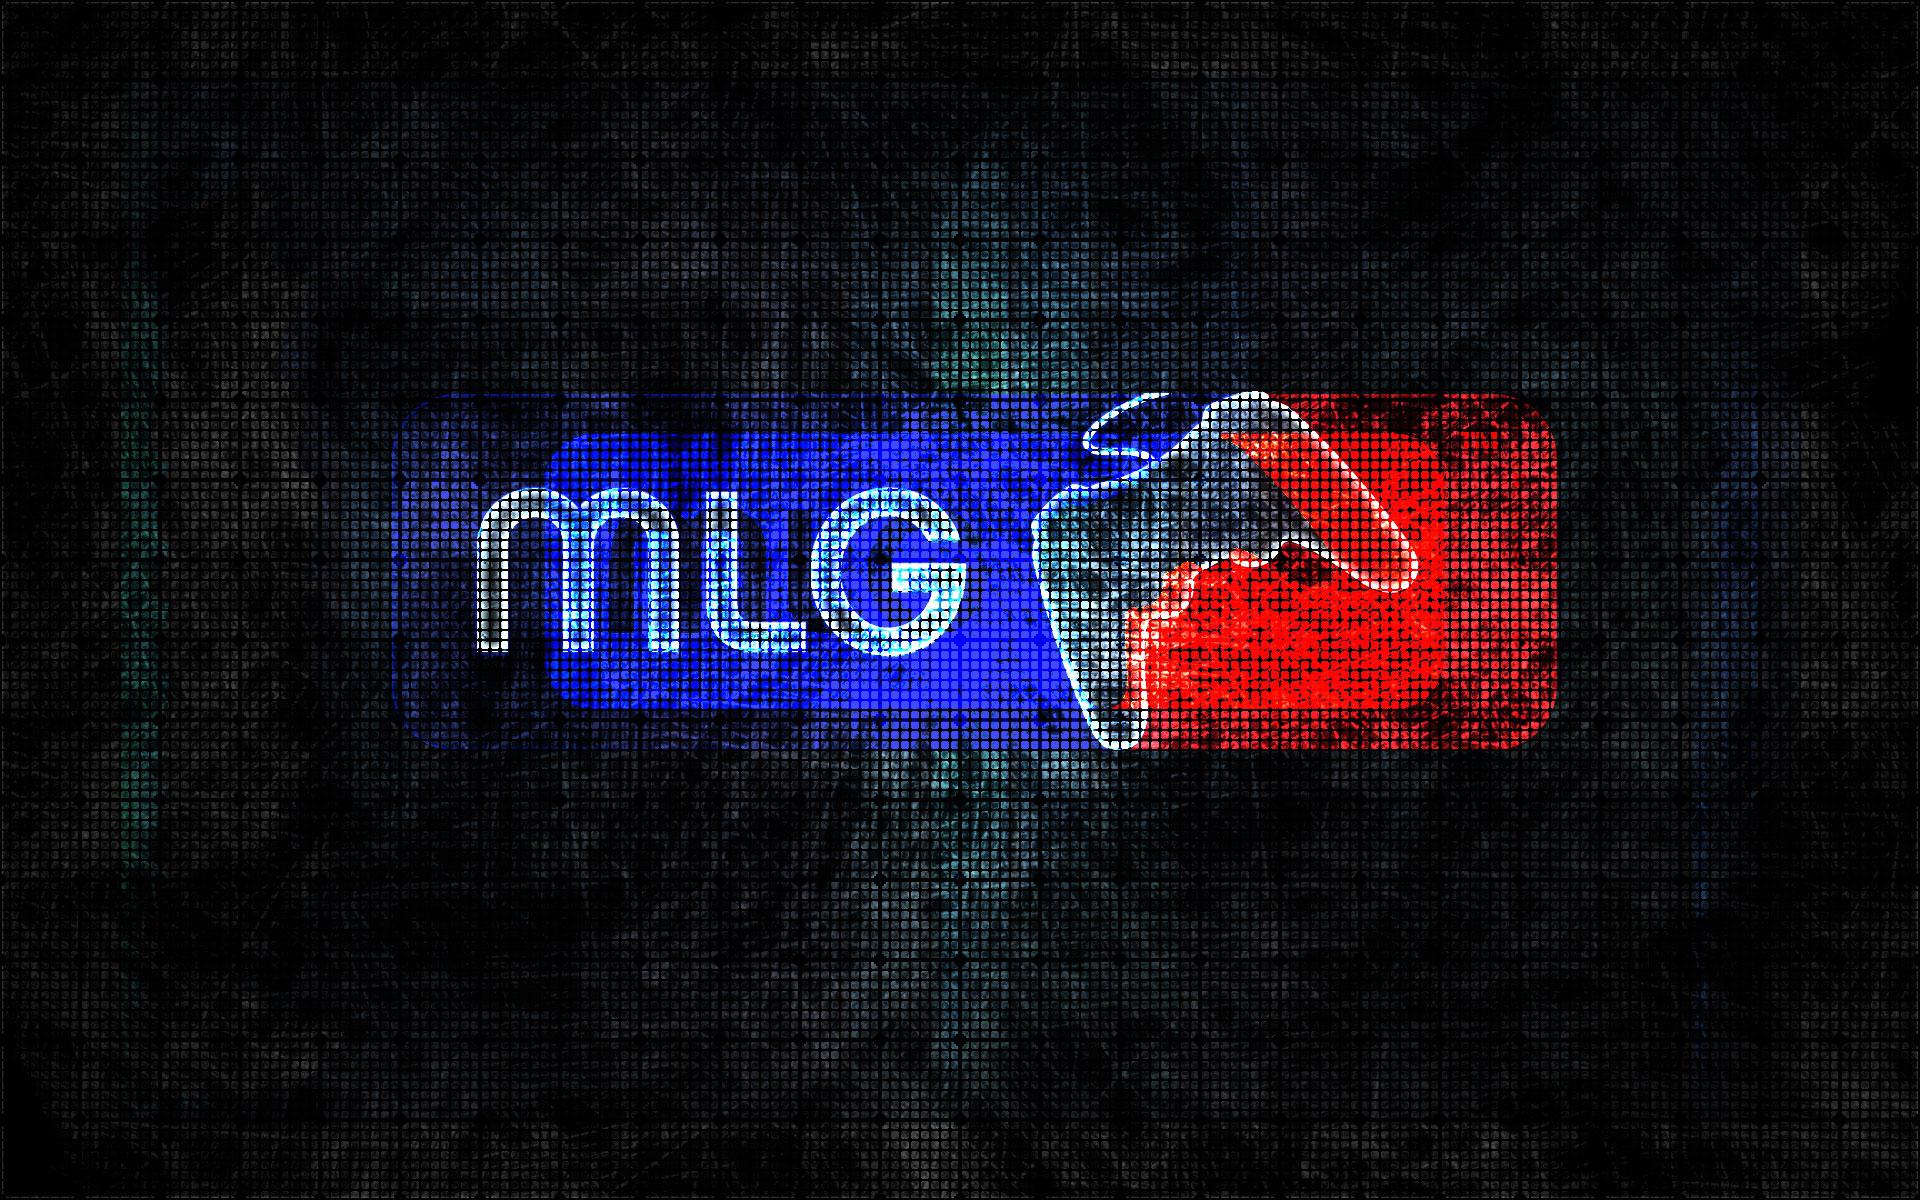 MLG Wallpaper Desktop on WallpaperSafari